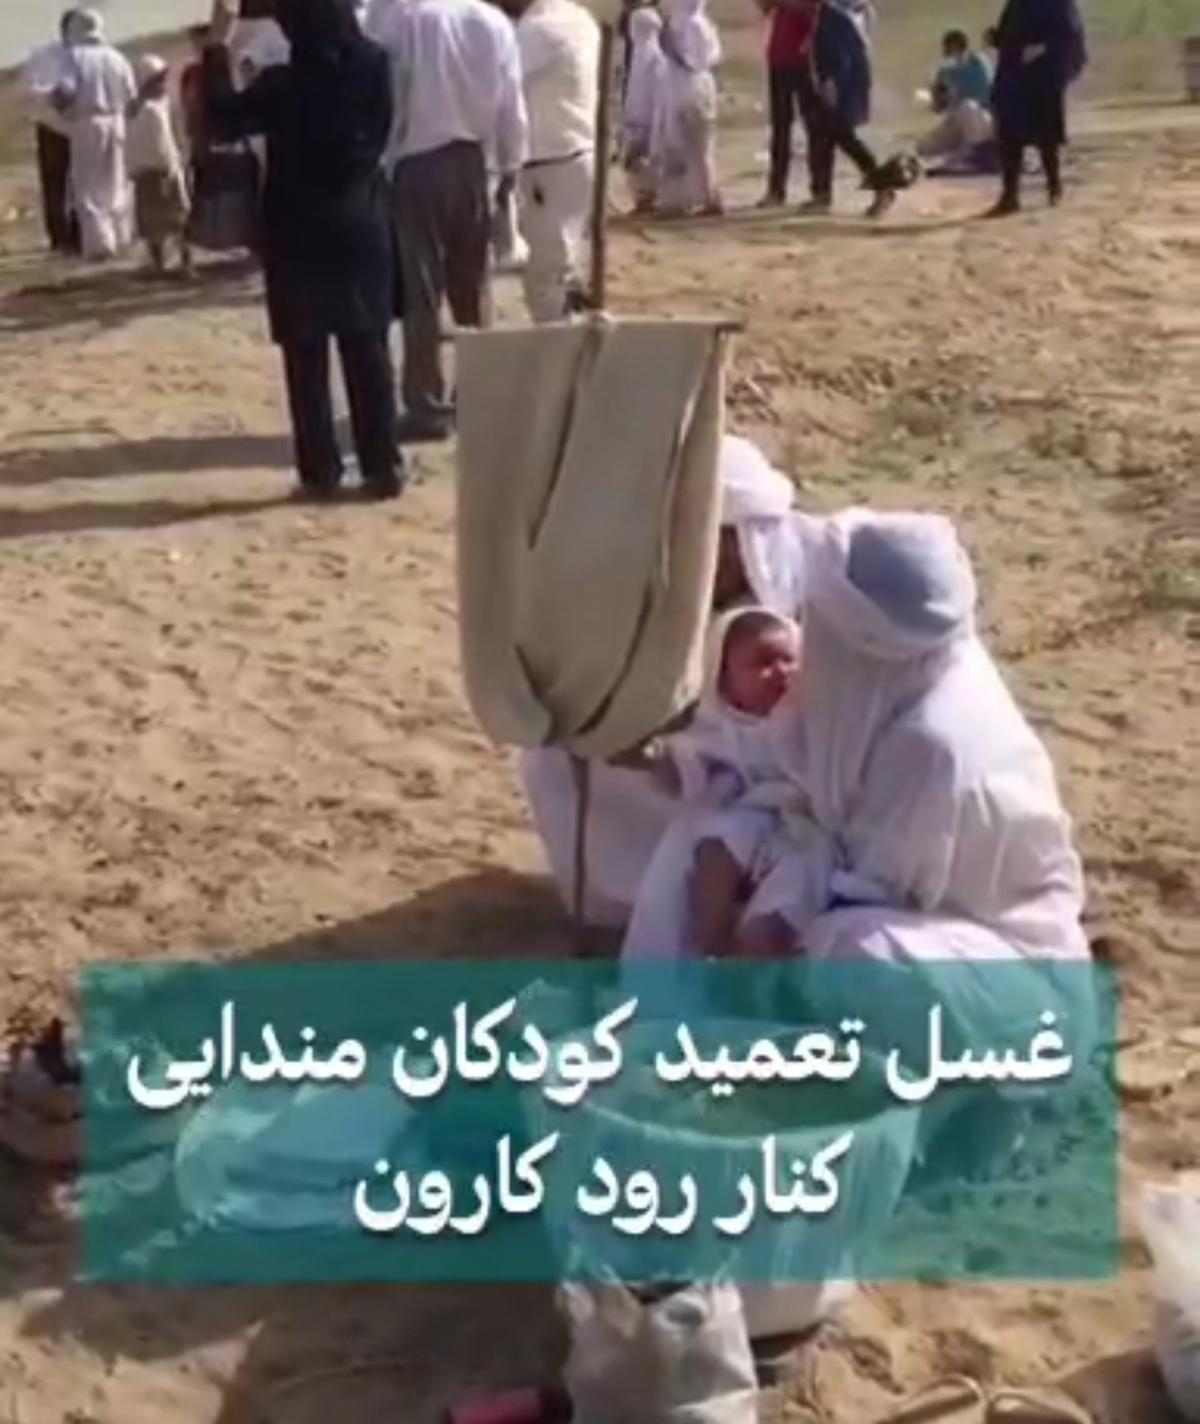 غسل تعمید کودکان مندایی کنار رود کارون + ویدئو